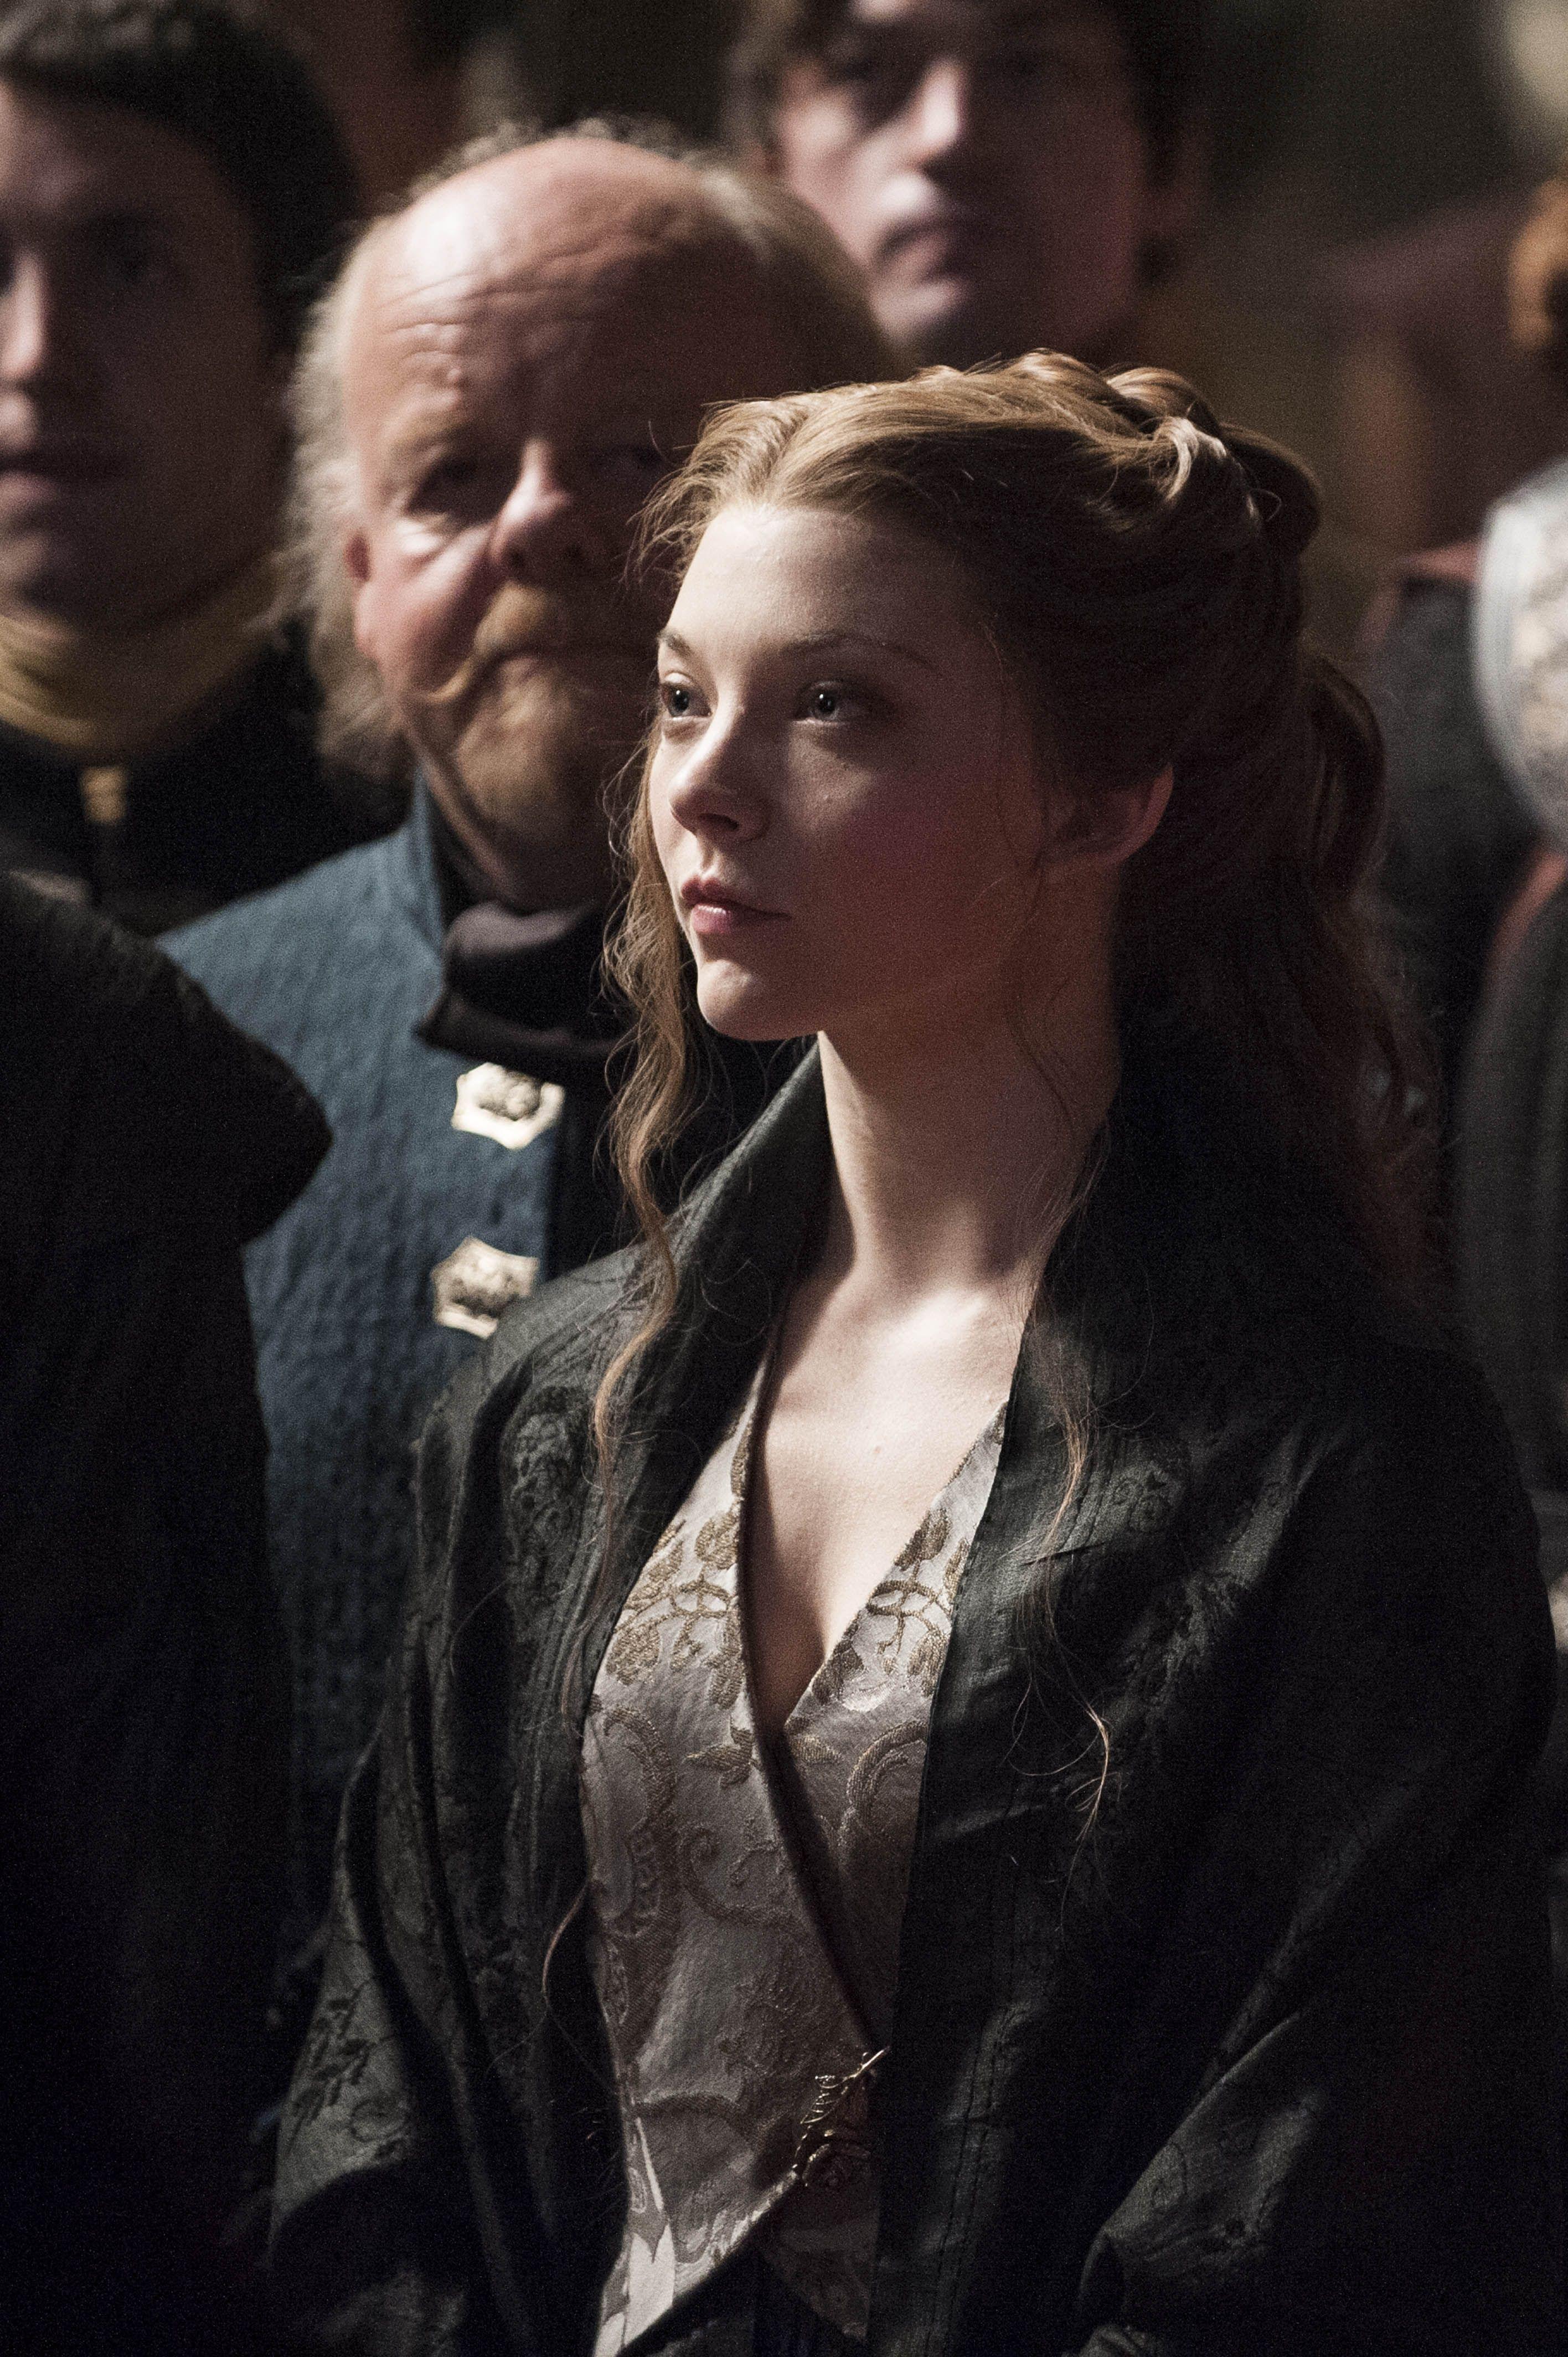 Game of Thrones Season 4 Episode 5 Still Das lied von